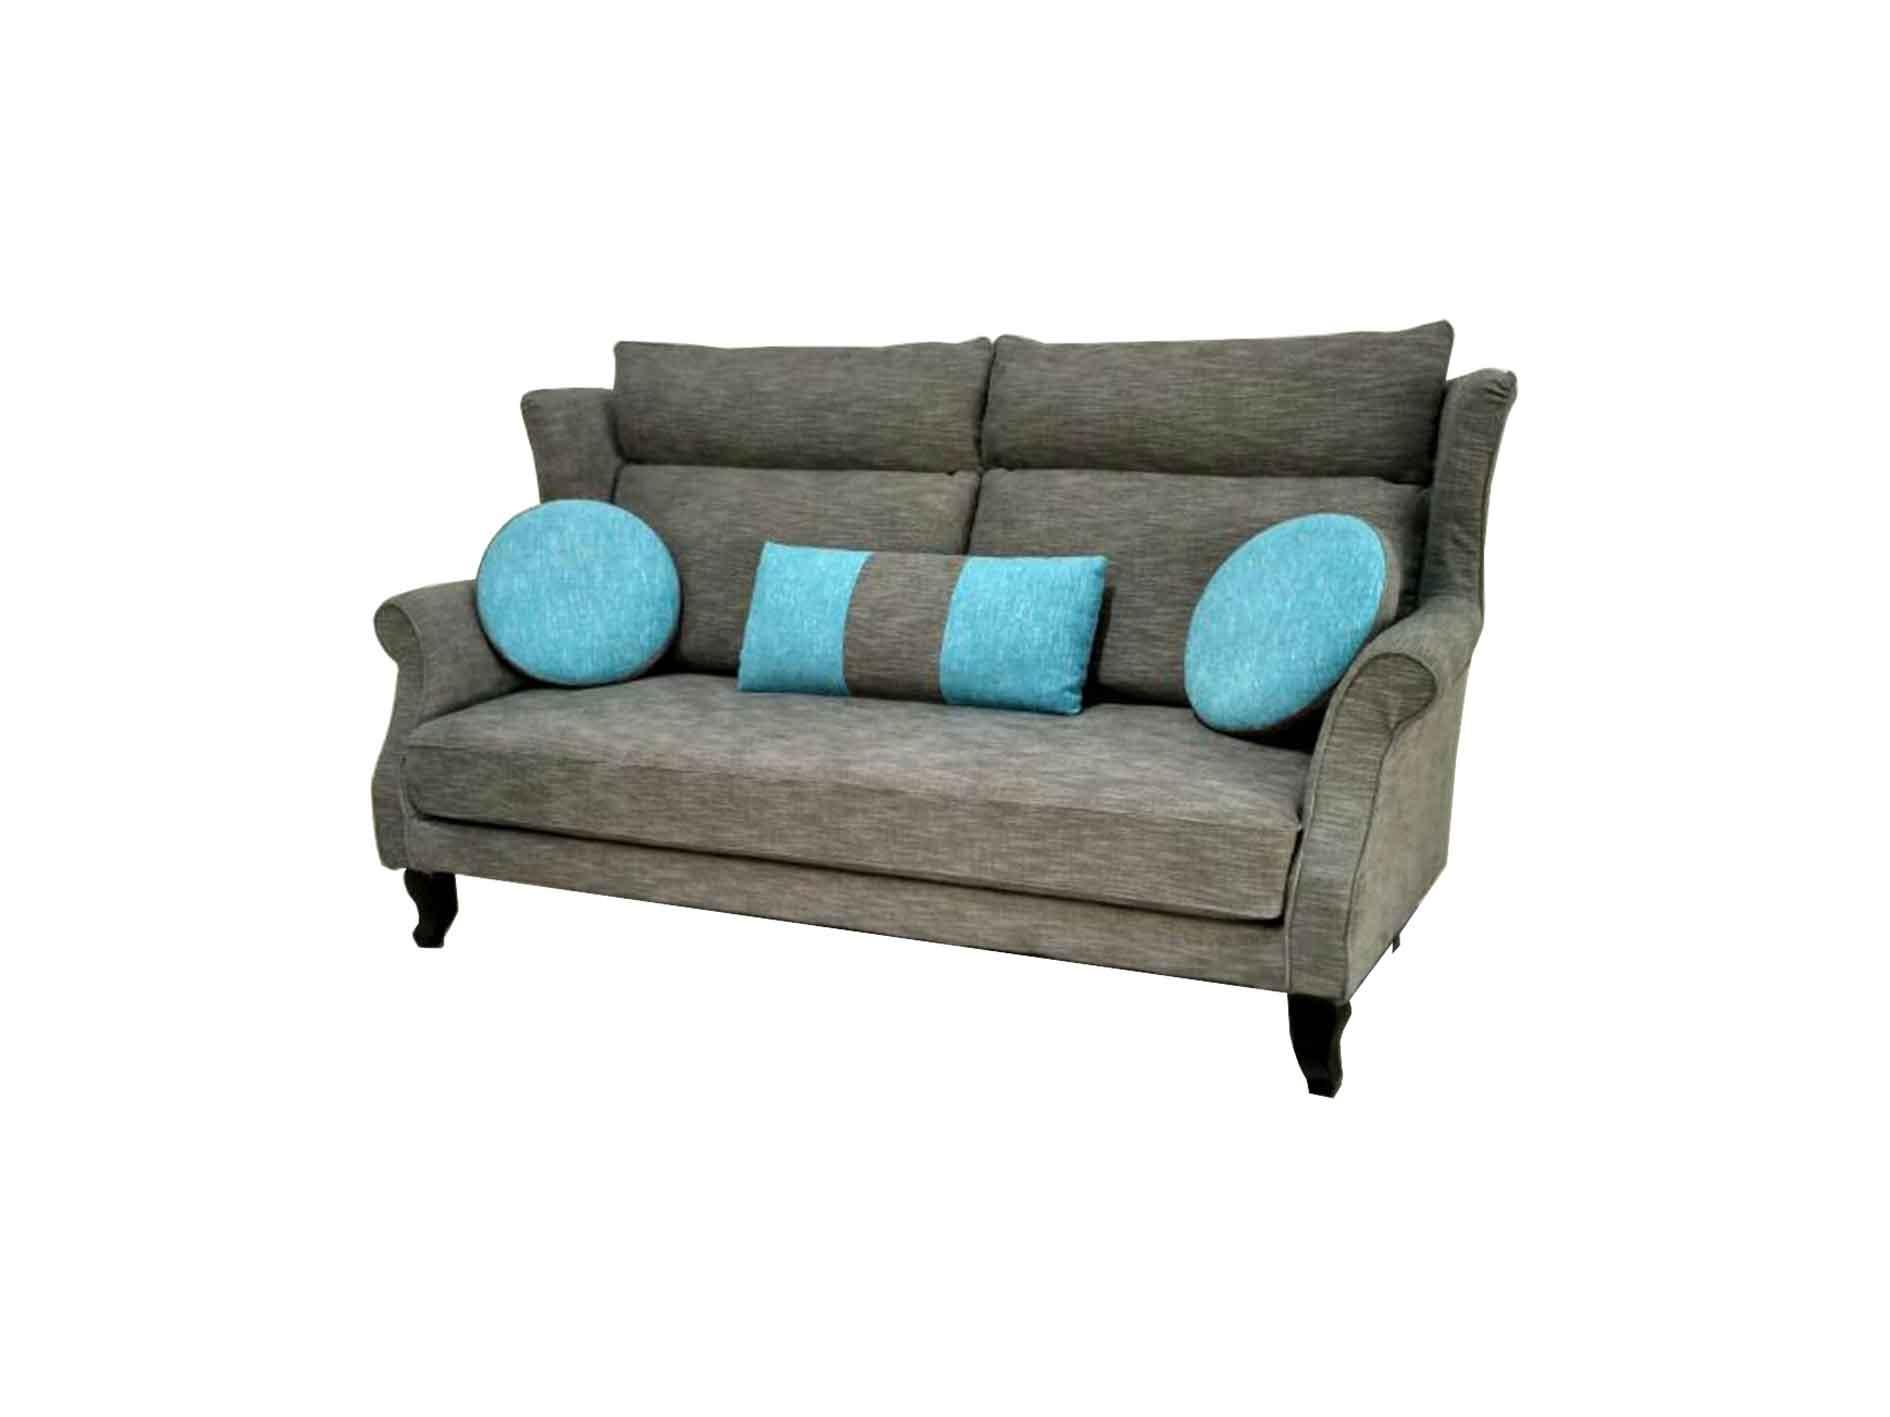 Valerio Designer Italian Fabric Sofa Fiore 3 Seater